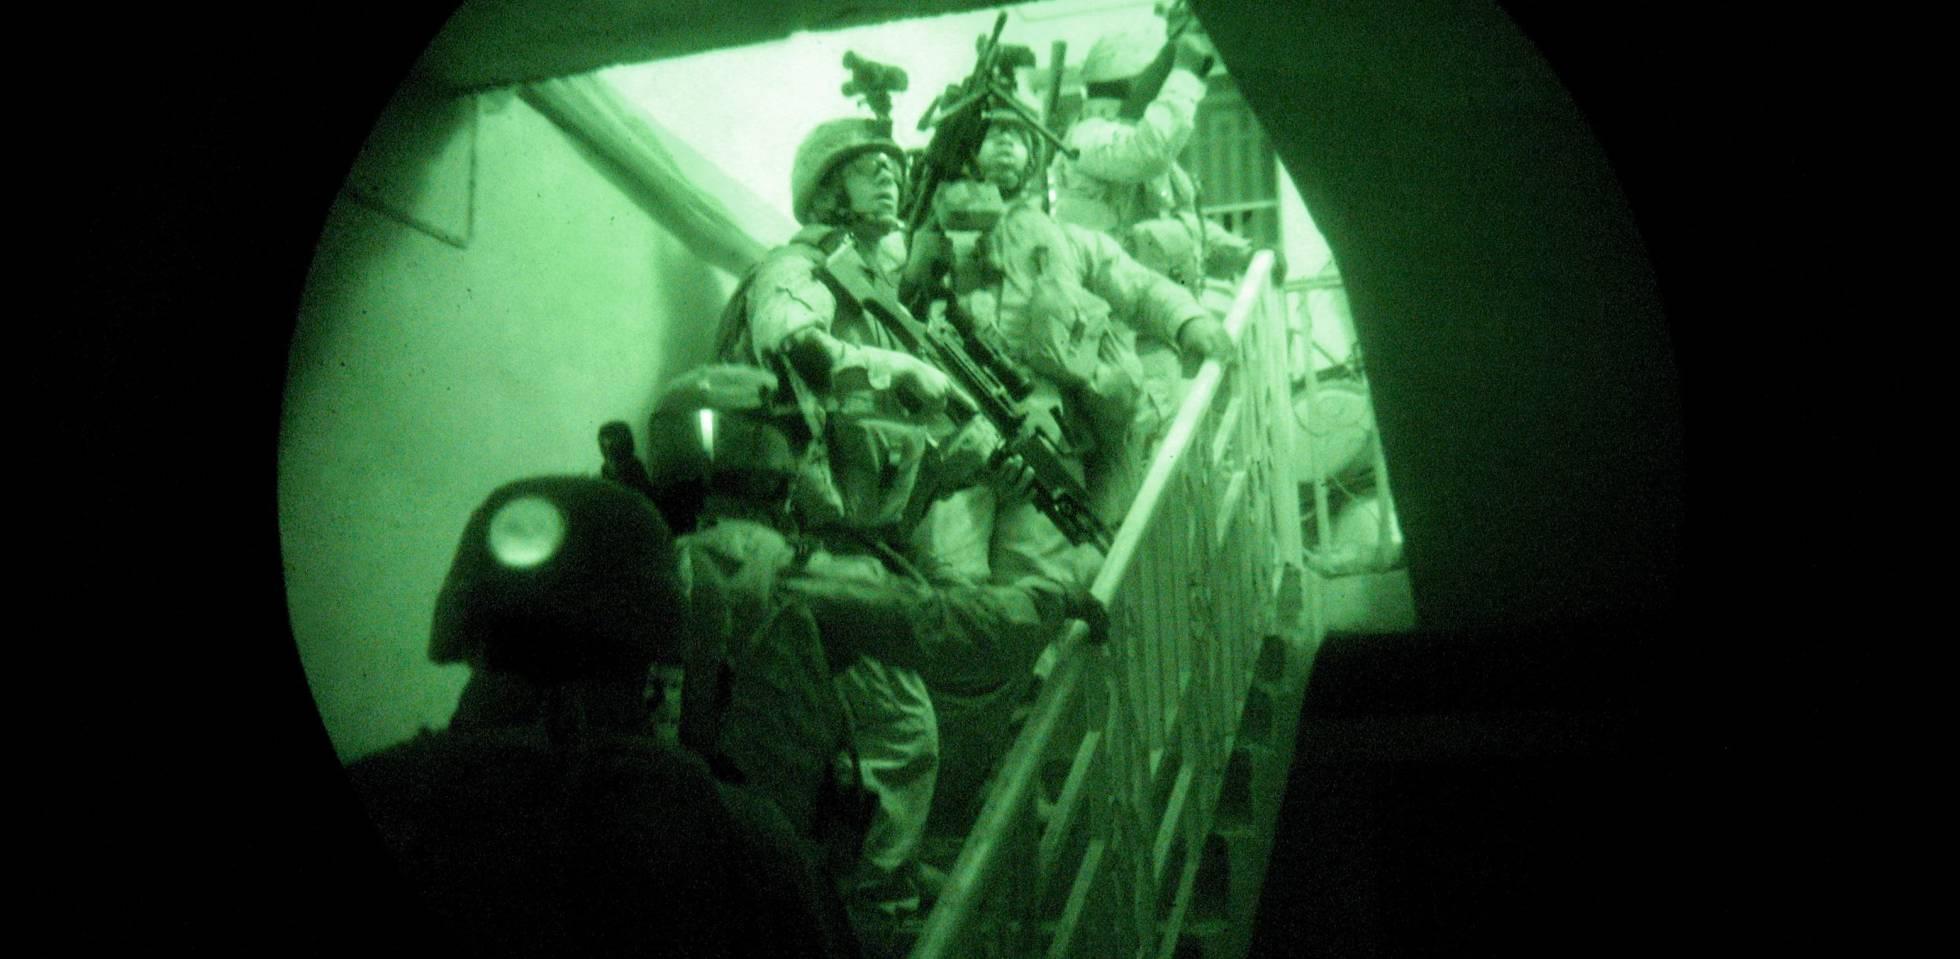 Marines estadounidenses entran en una casa iraquí durante una misión de búsqueda de insurgentes.